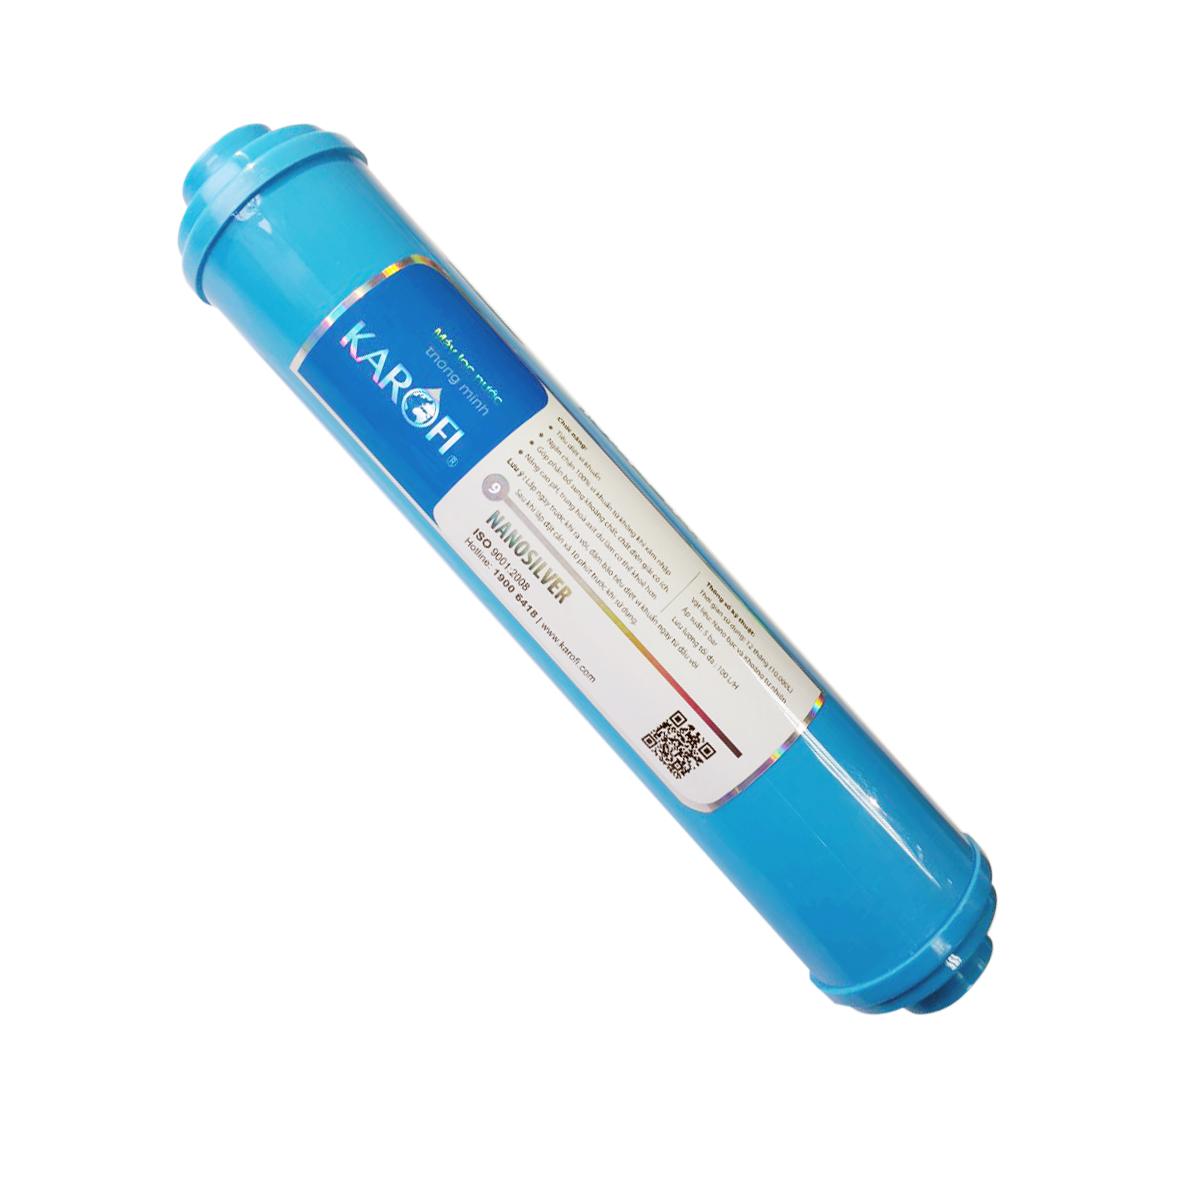 Combo 8 lõi lọc nước dành cho máy lọc Karofi 8 cấp ( Lõi 123+RO+Nanosilver+Mineral+Gac T33+Far Infrared)